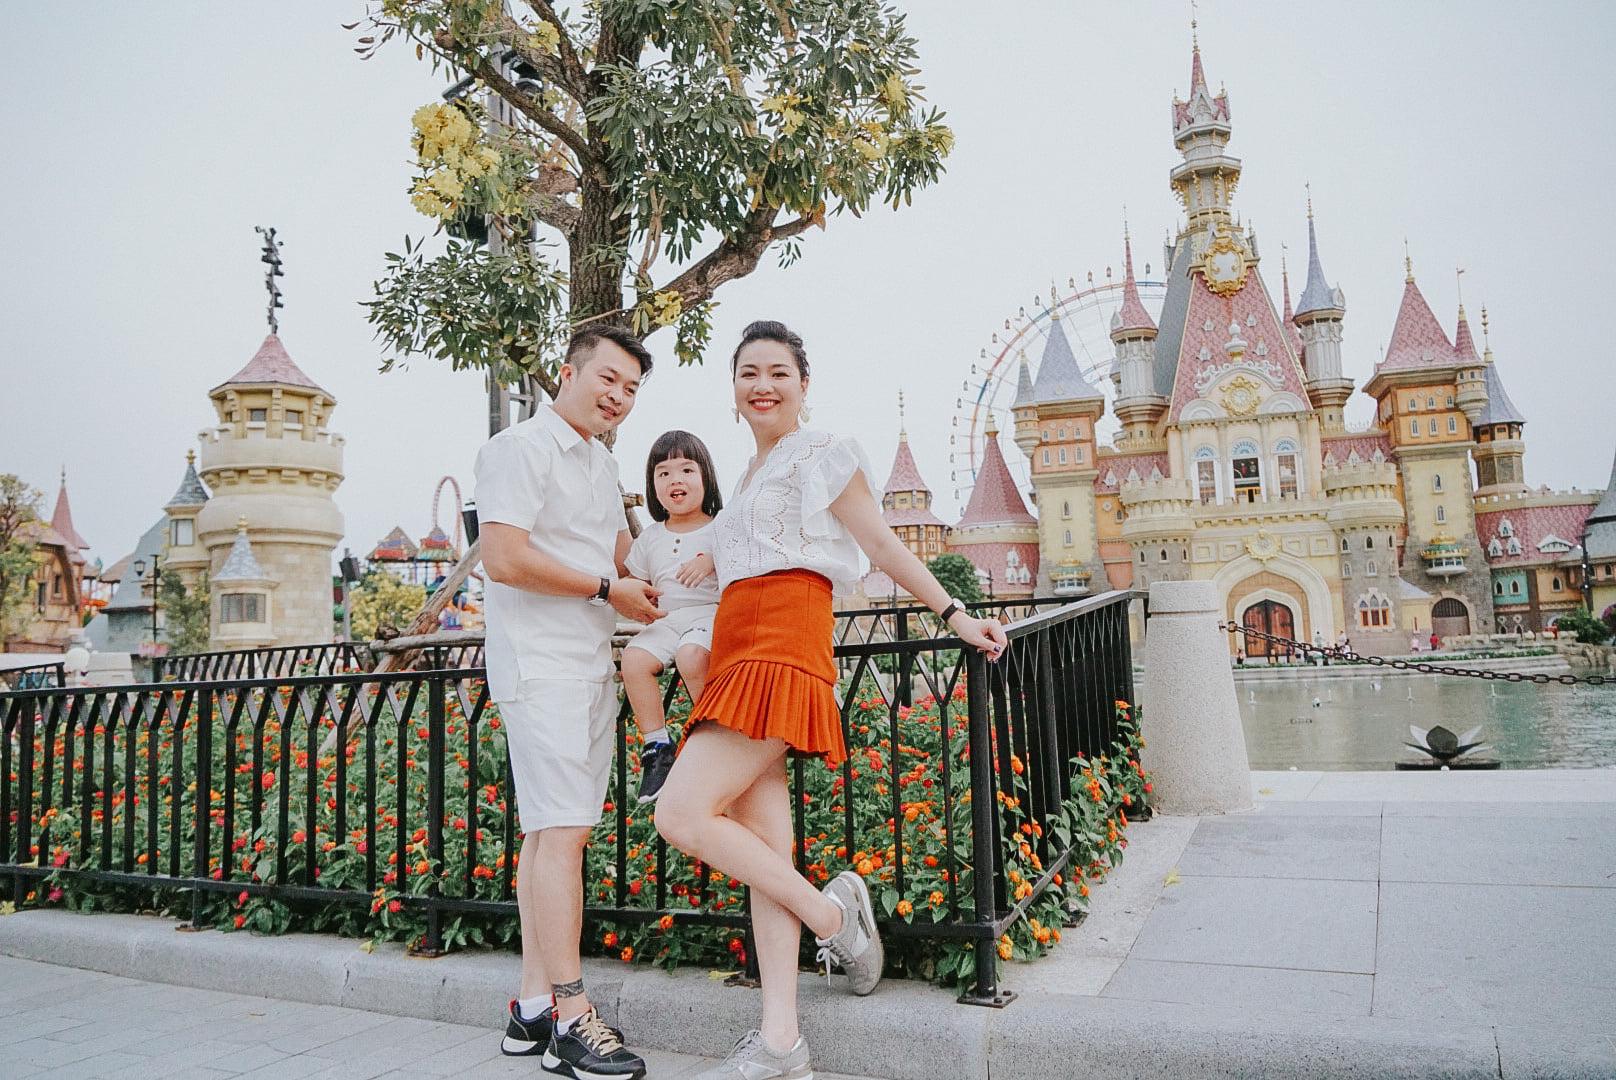 Diễn viên Lê Khánh cho con trai để tóc dài như con gái, ai hỏi giới tính của bé đều đưa ra câu trả lời ngã ngửa - Ảnh 1.